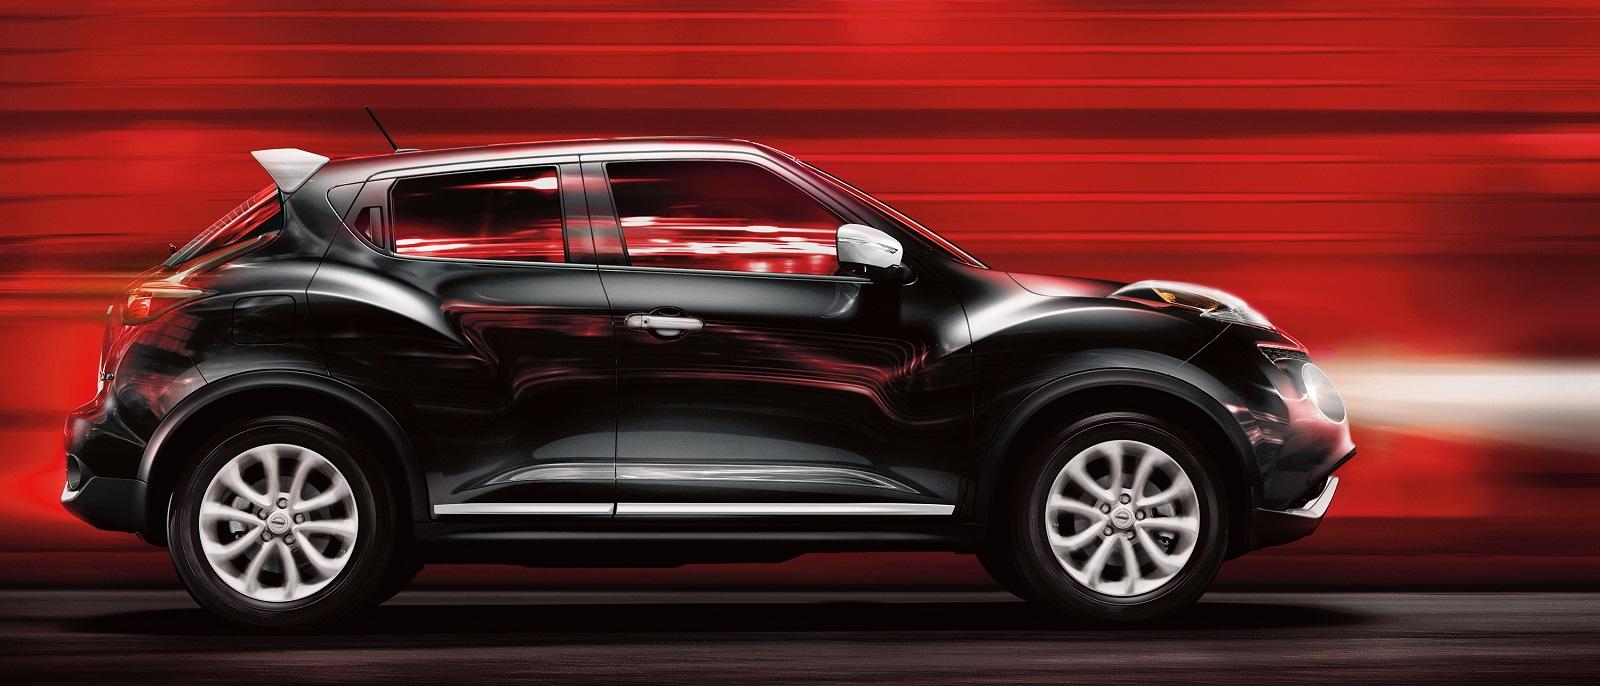 2016-Nissan-Juke-Slide-3